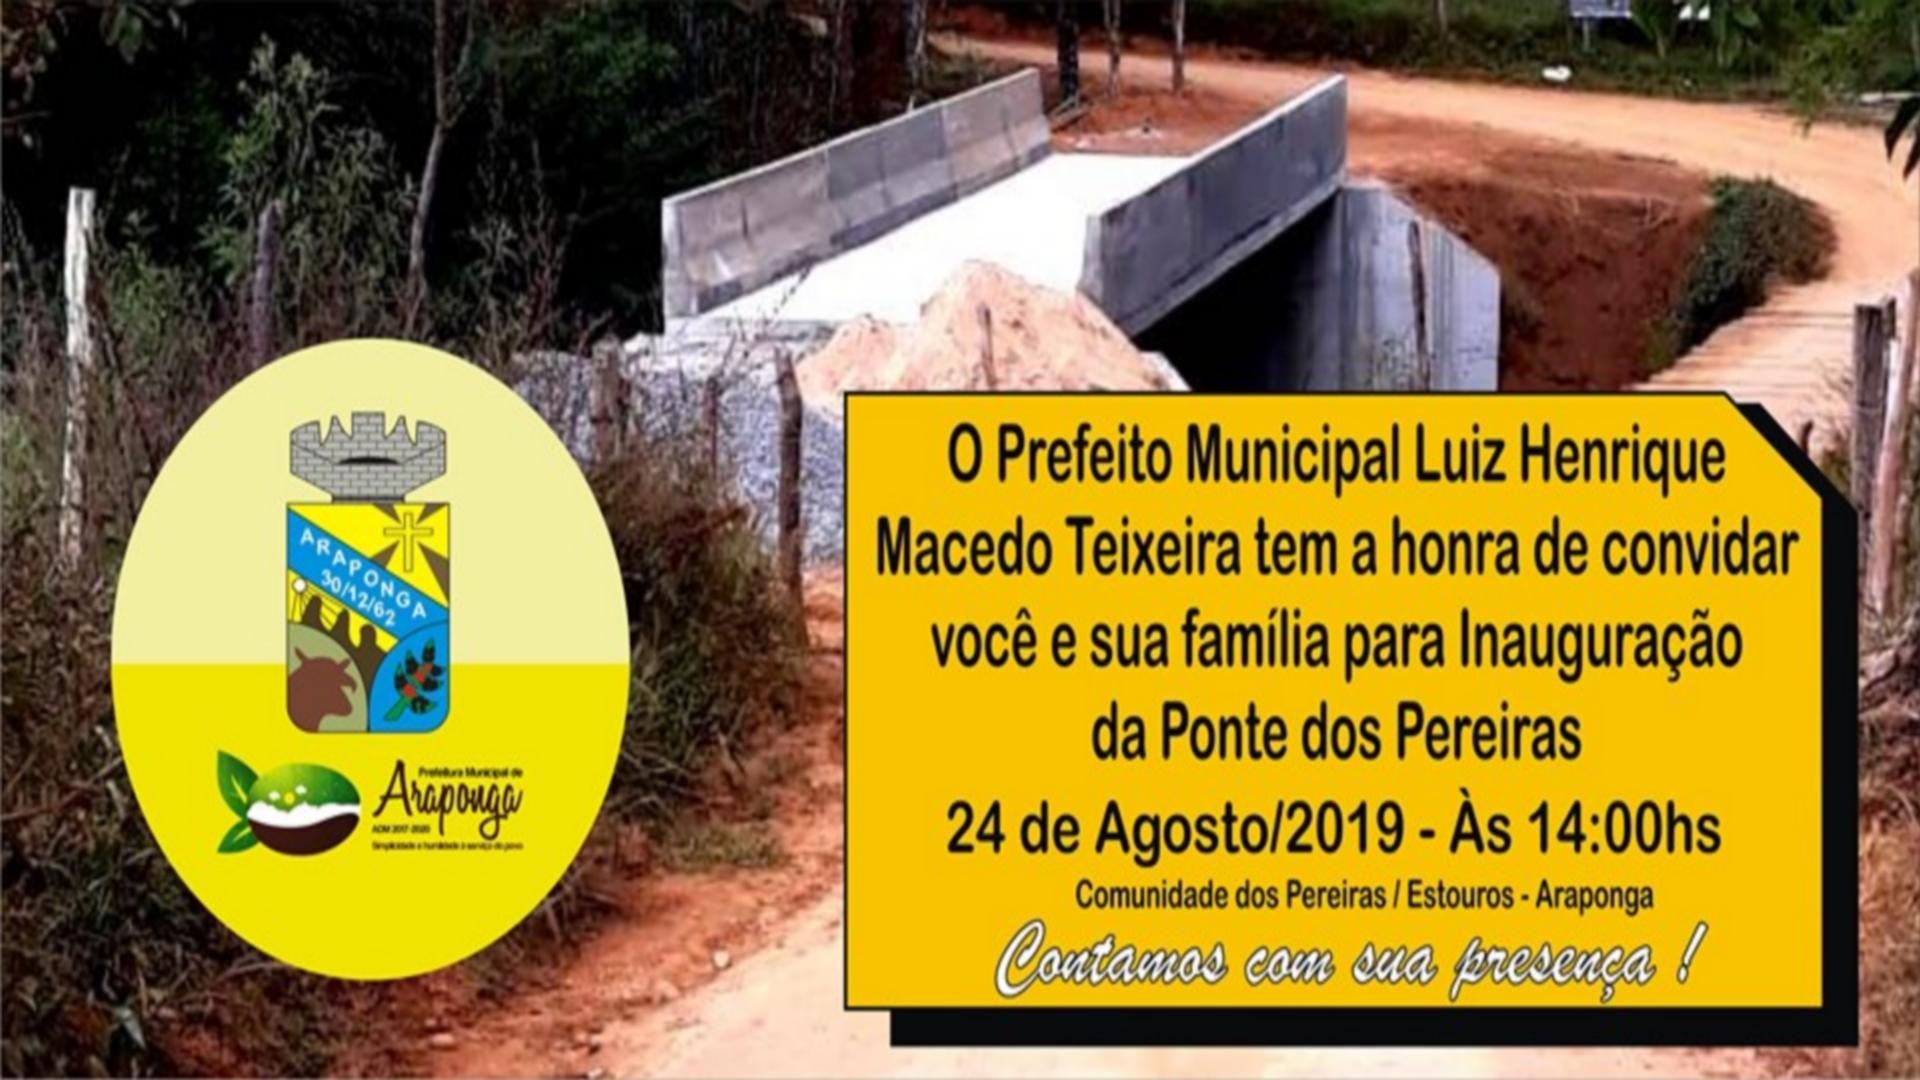 CONVIDAMOS À TODOS PARA INAUGURAÇÃO DA PONTE DOS PEREIRAS !!!